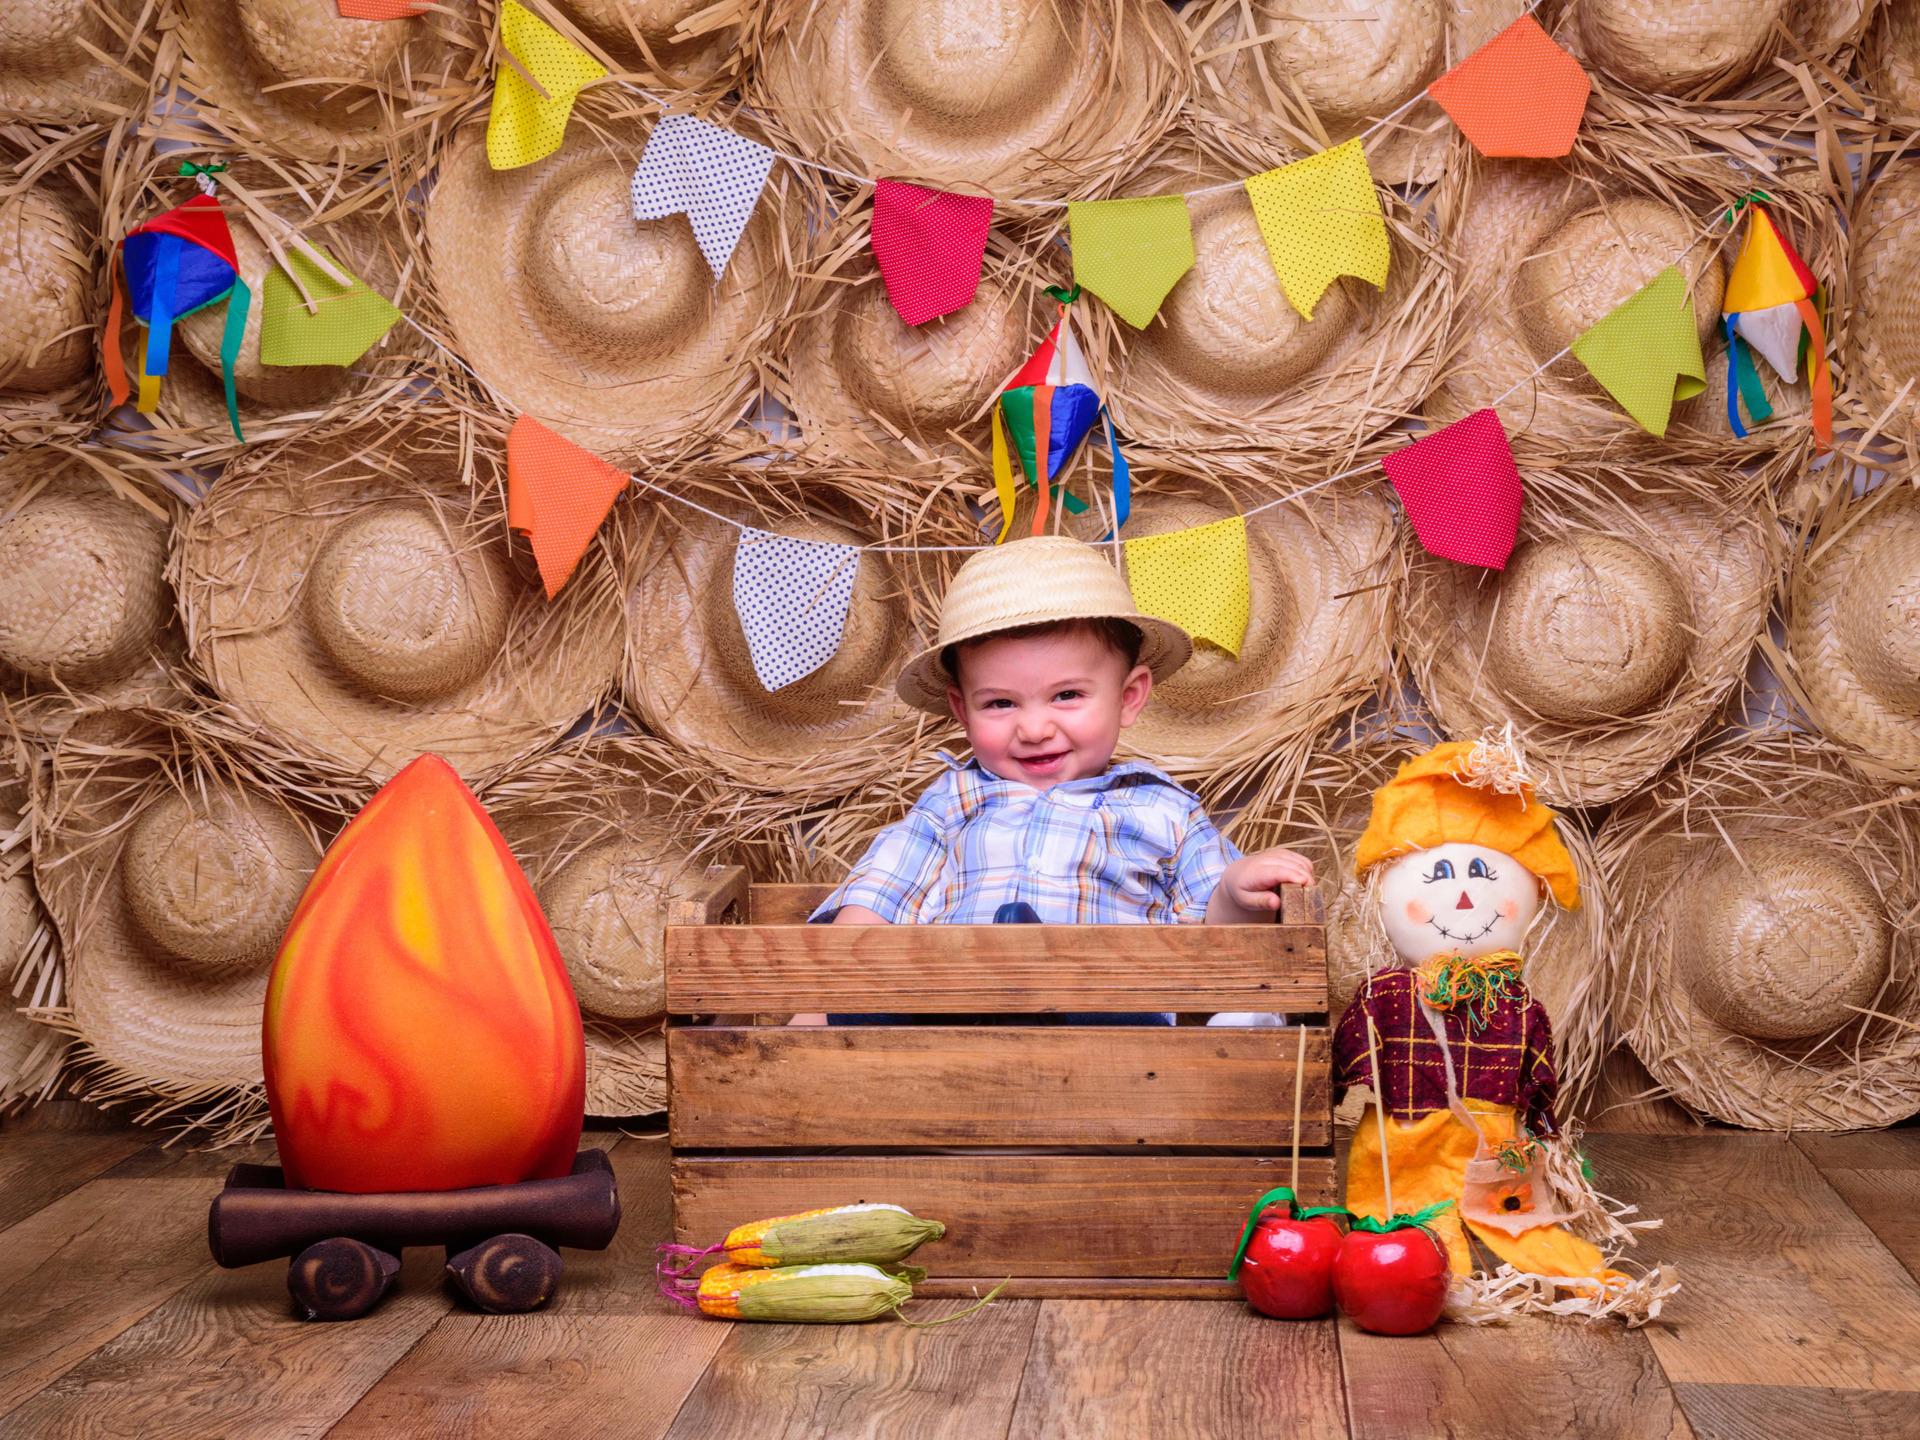 festa junina, milho, maçã do amor, forró, alegria, sessão de fotos festa junina, bebê caipira,  foto de caipira, sessão mãe e filho, sessão família, bebê da mamãe, ensaio fotografico temático, inspiração ensaio bebês, bebês fofos, família caipira,